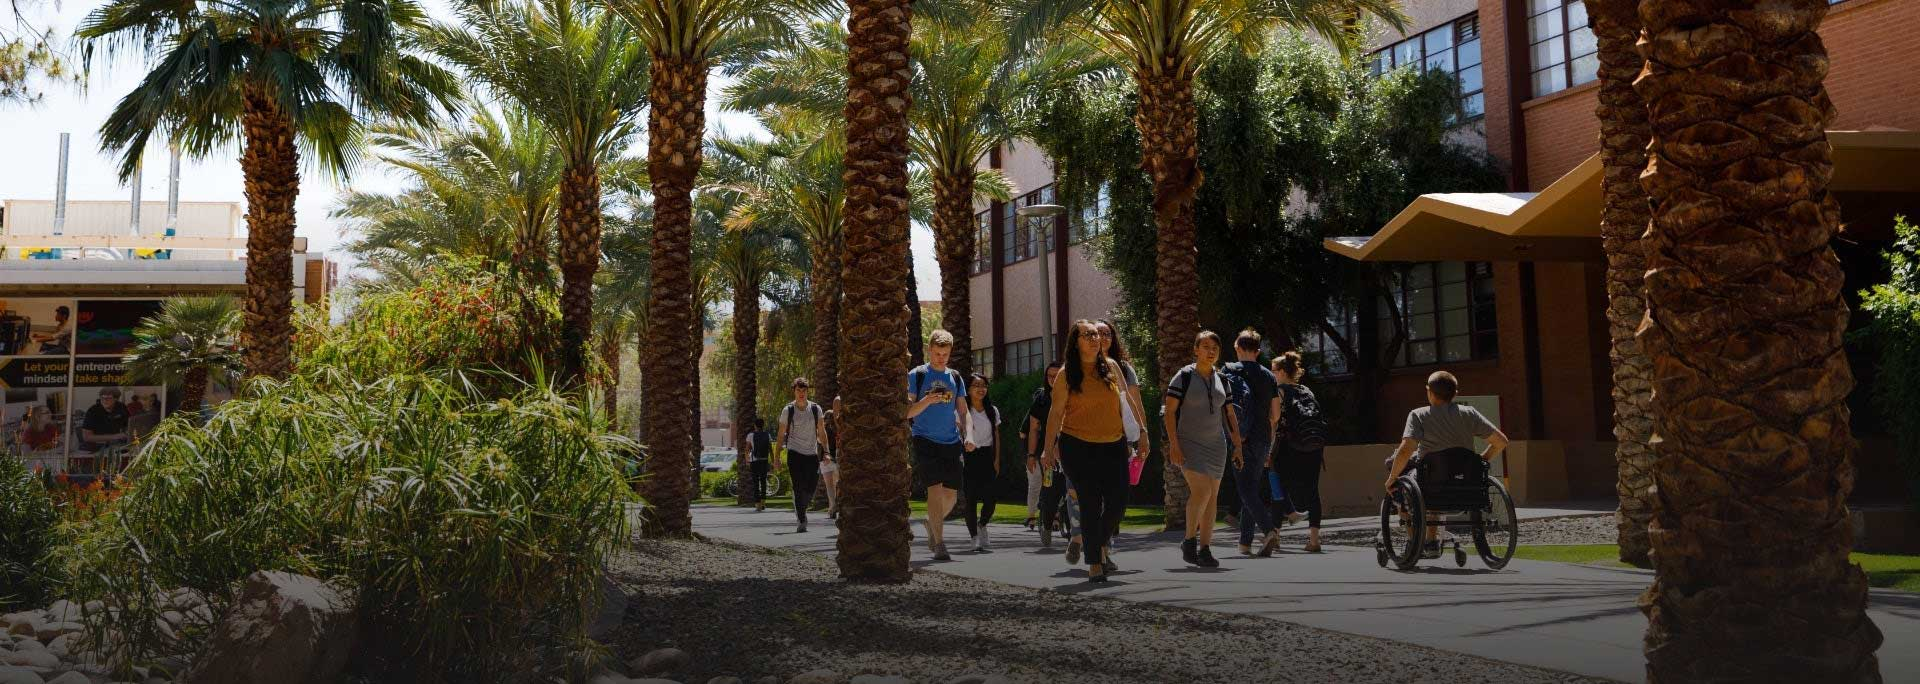 Students at ASU campus